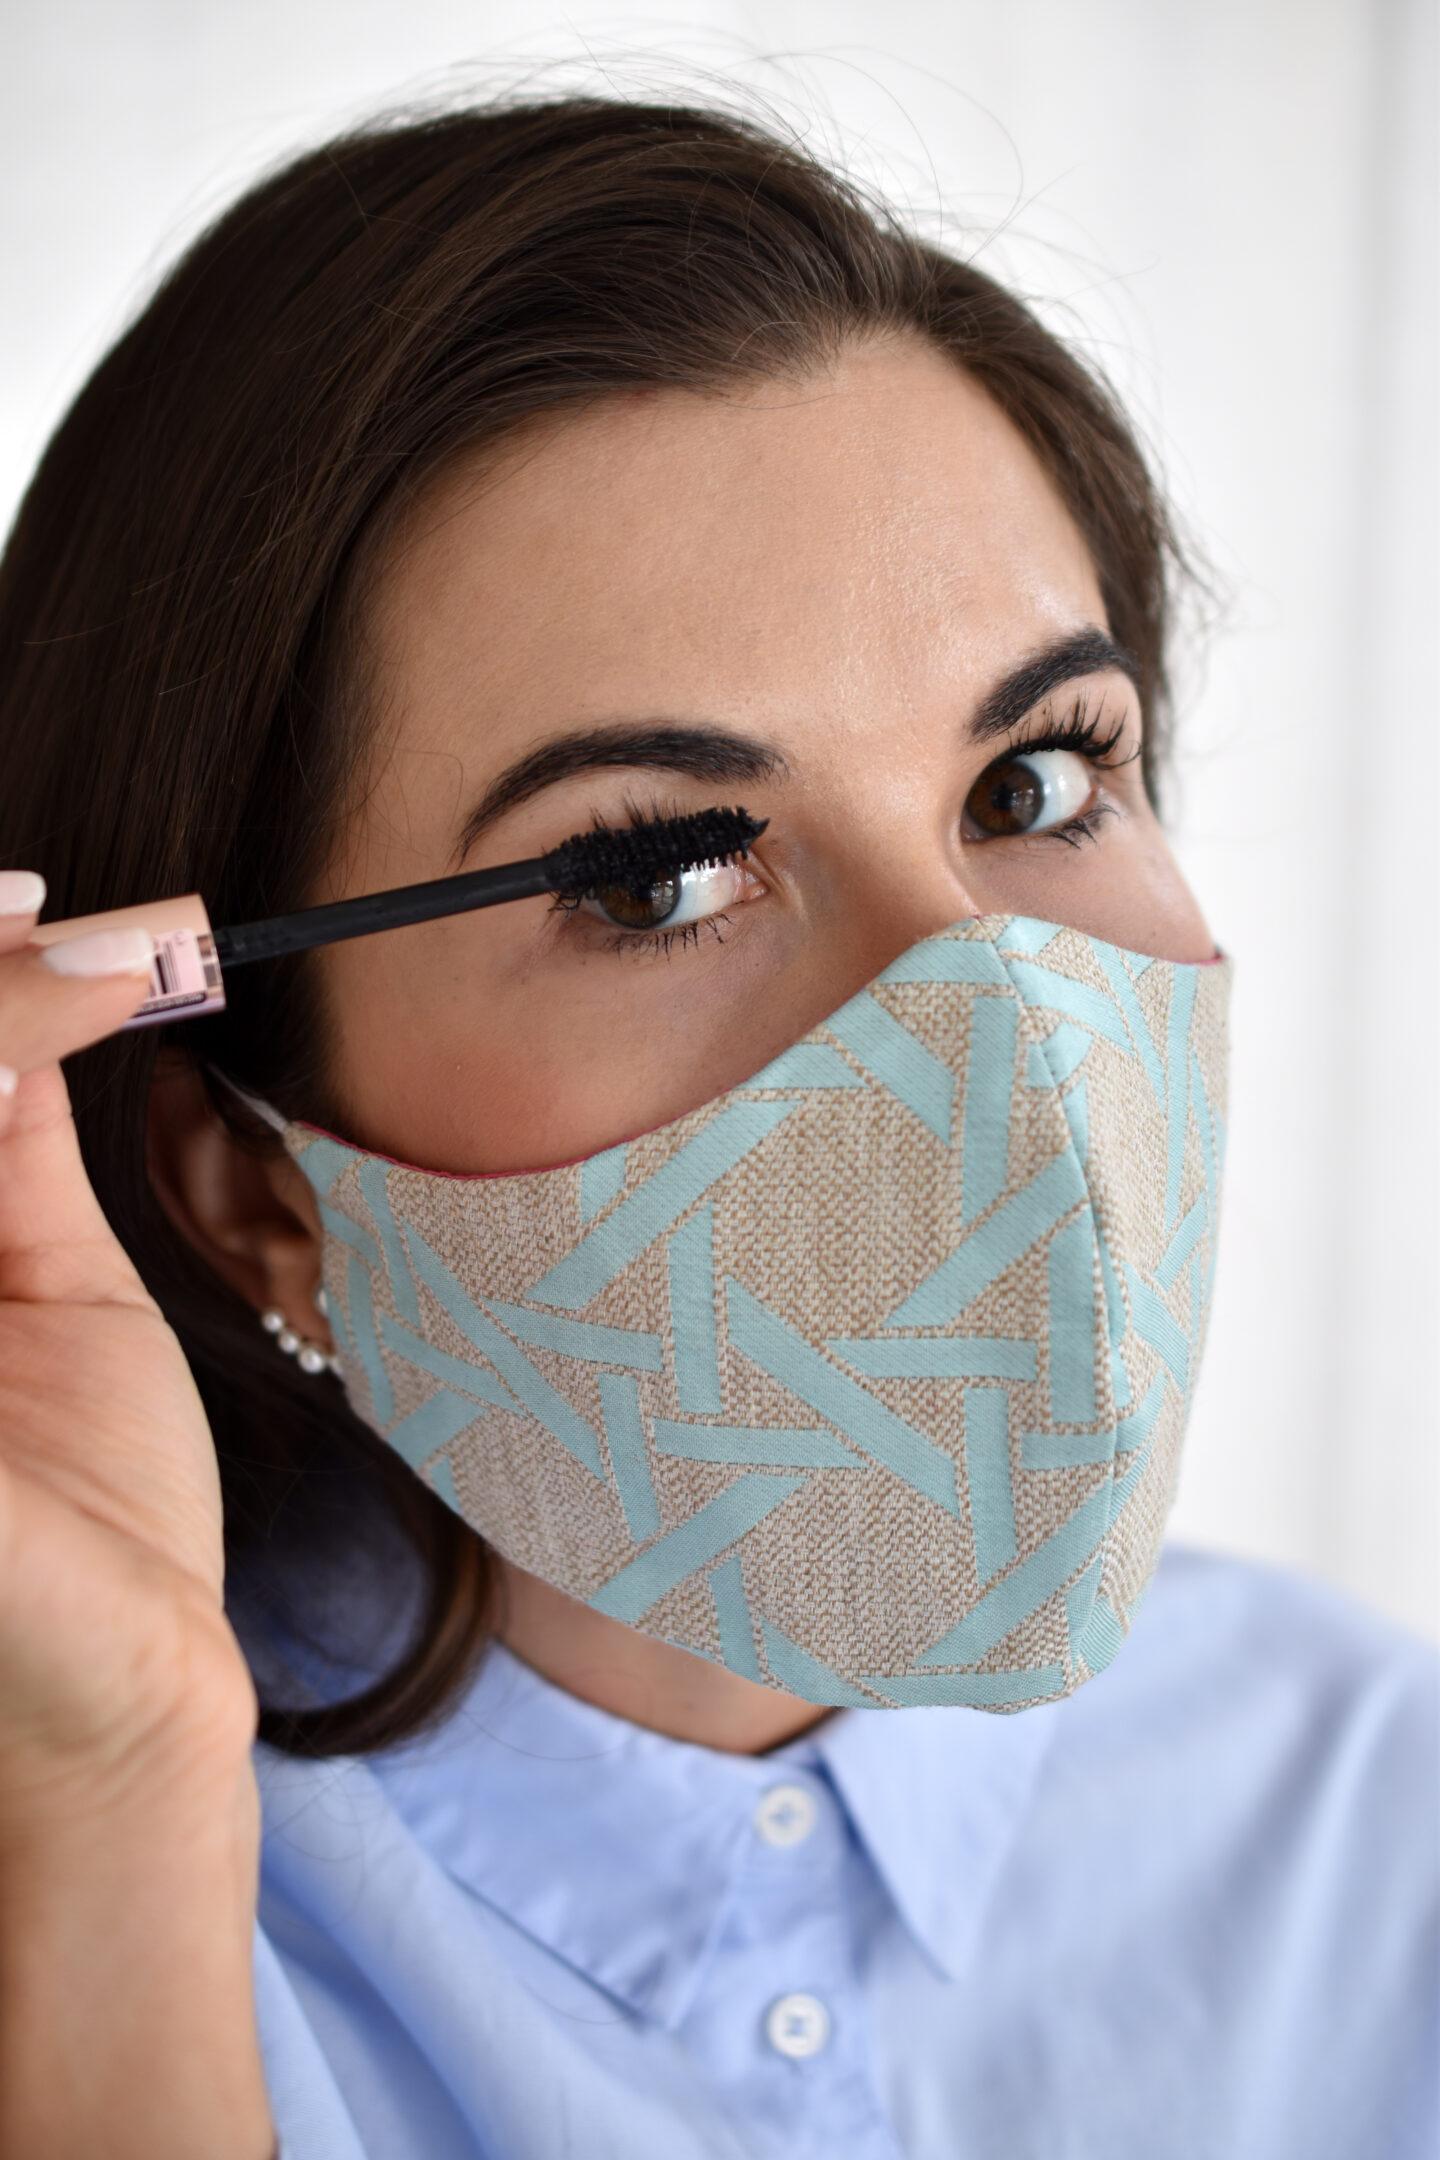 Mundschutz und Make Up - Tipps für den neuen Alltag mit Maske